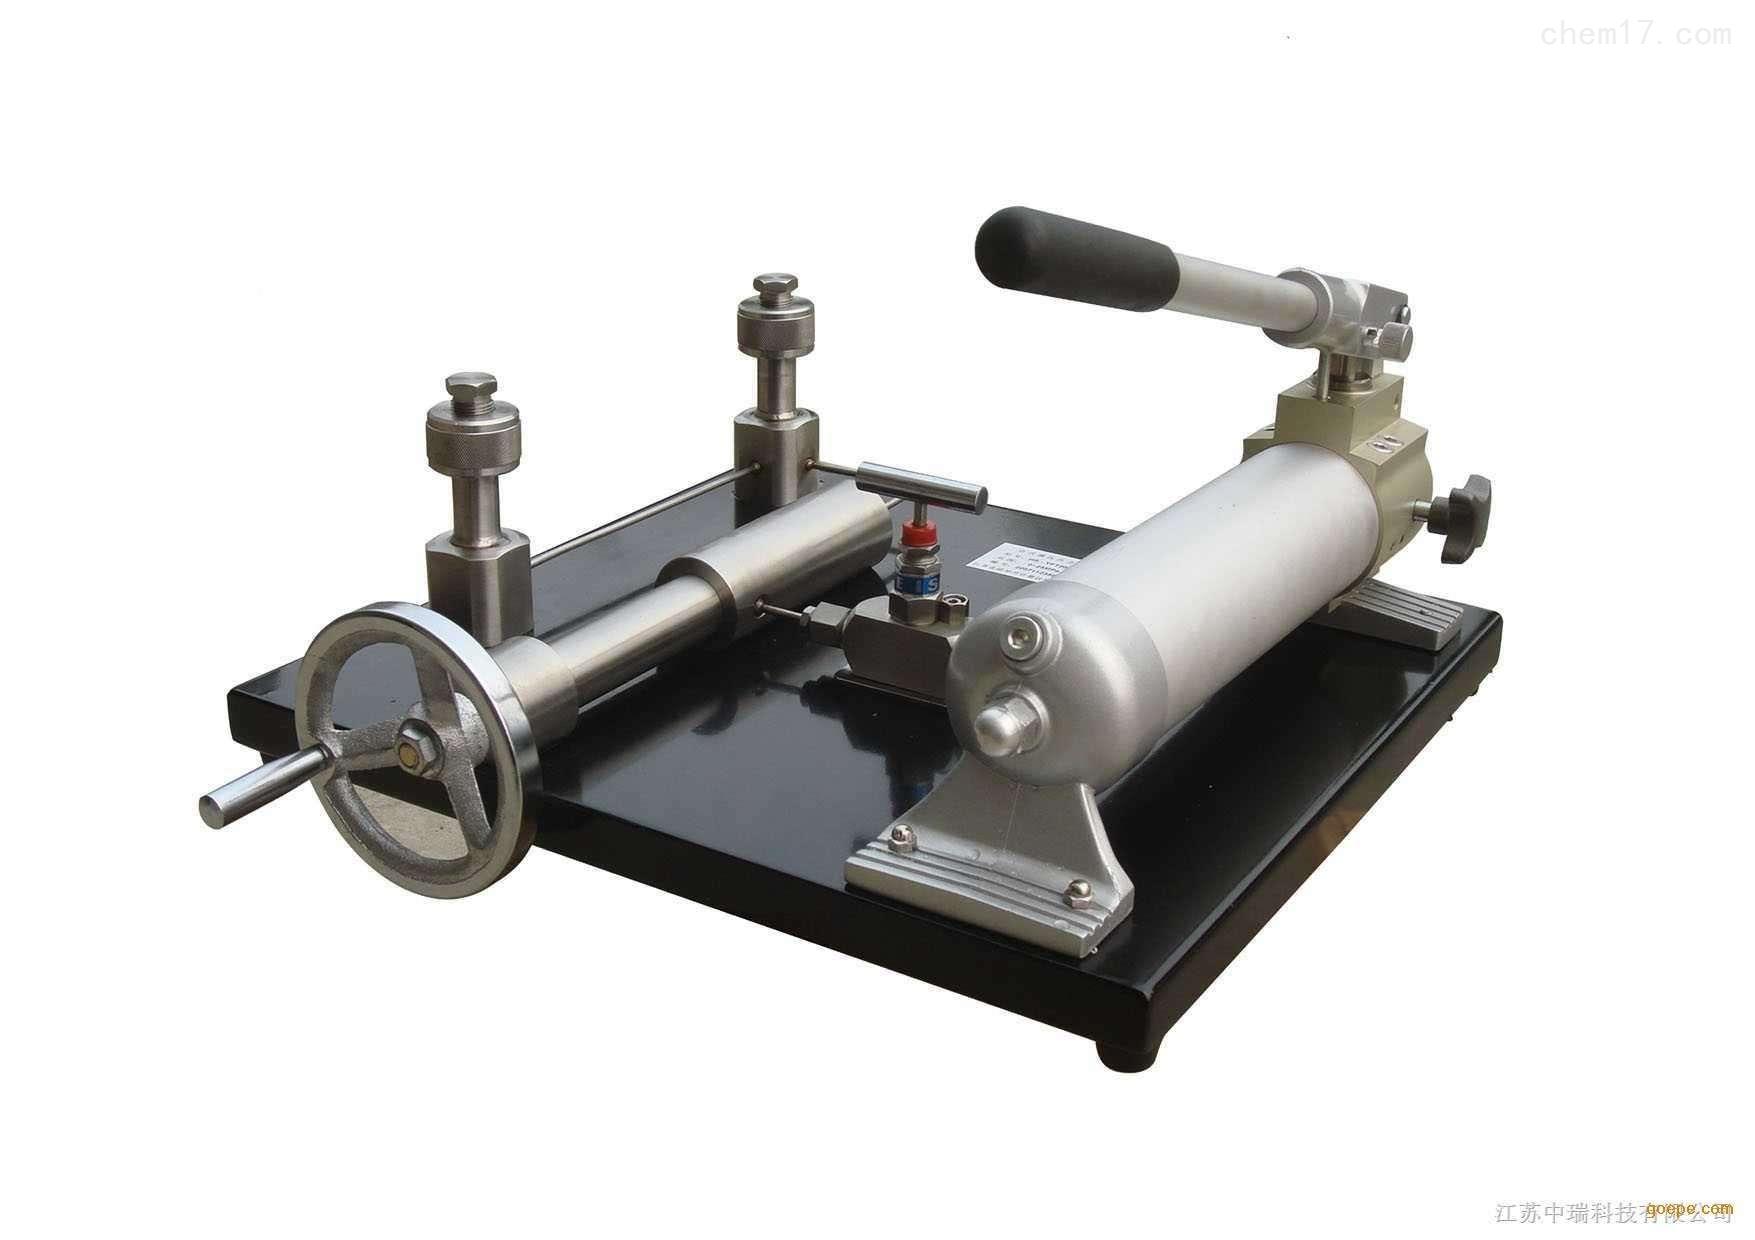 高精度电动压力效验台